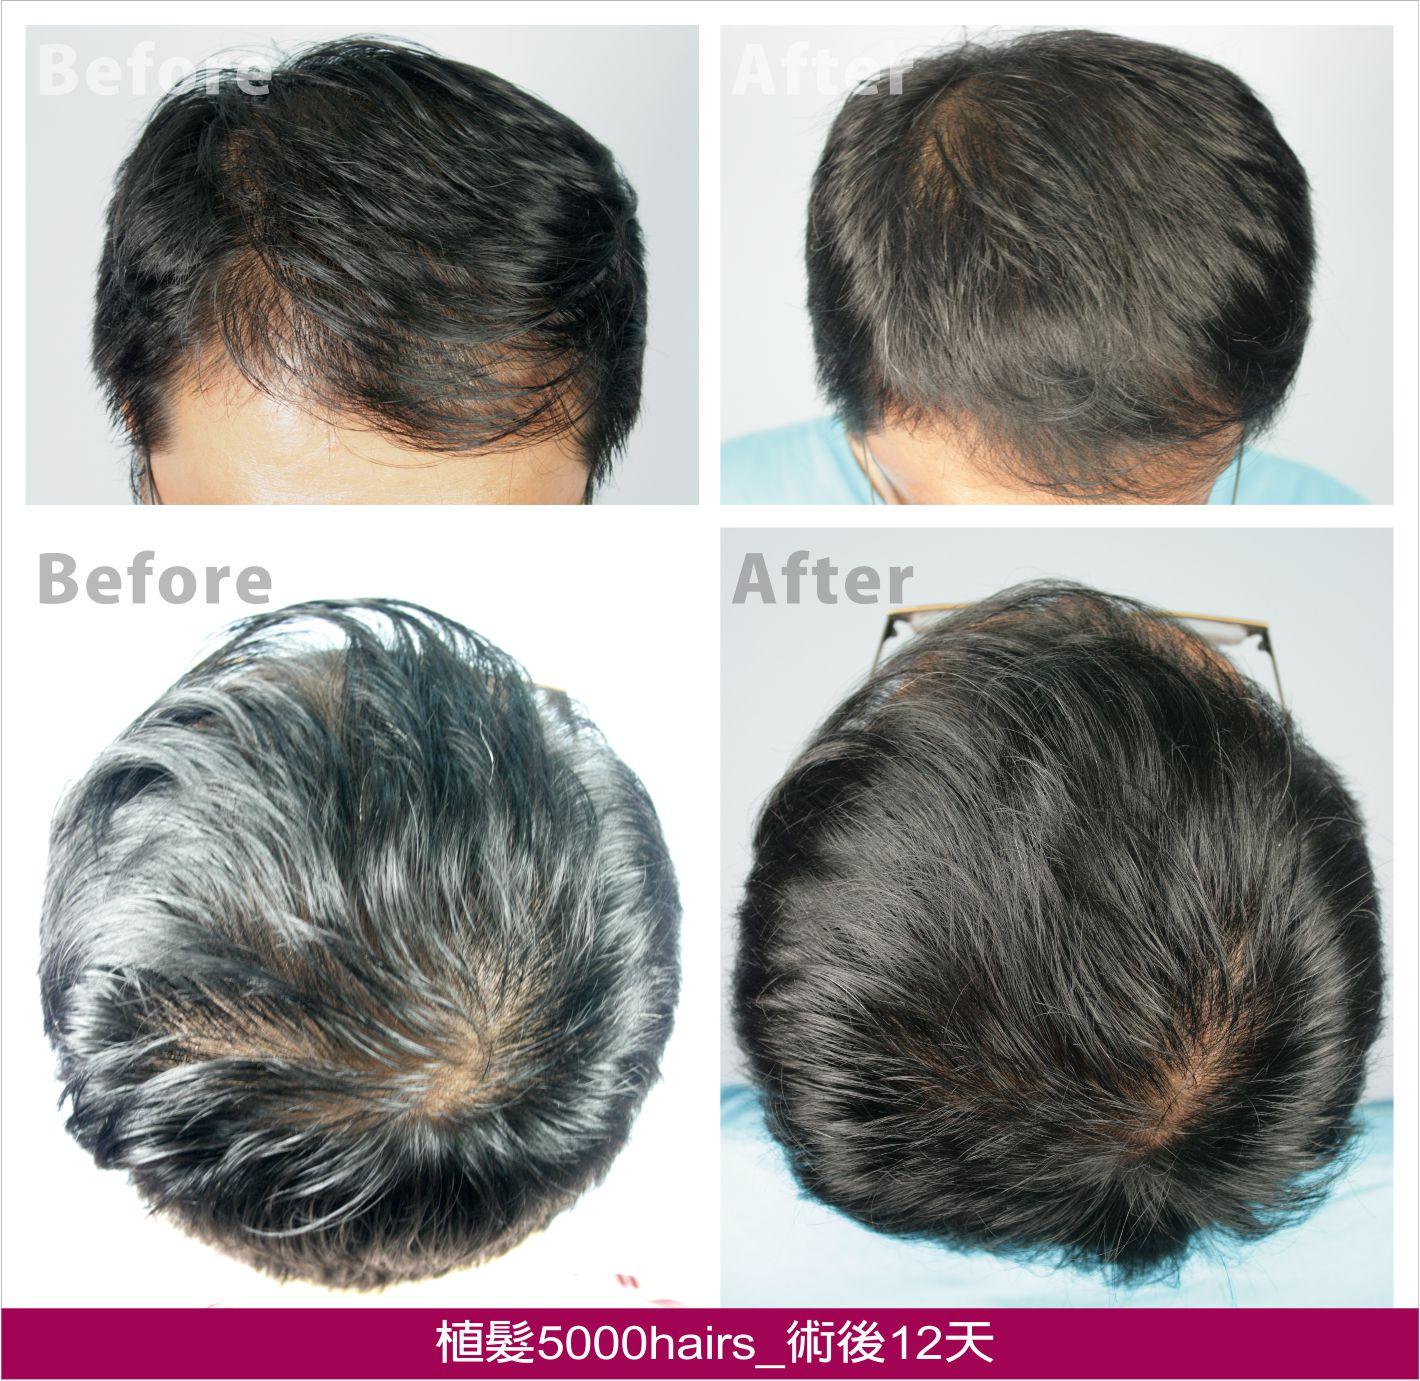 广州生发植发